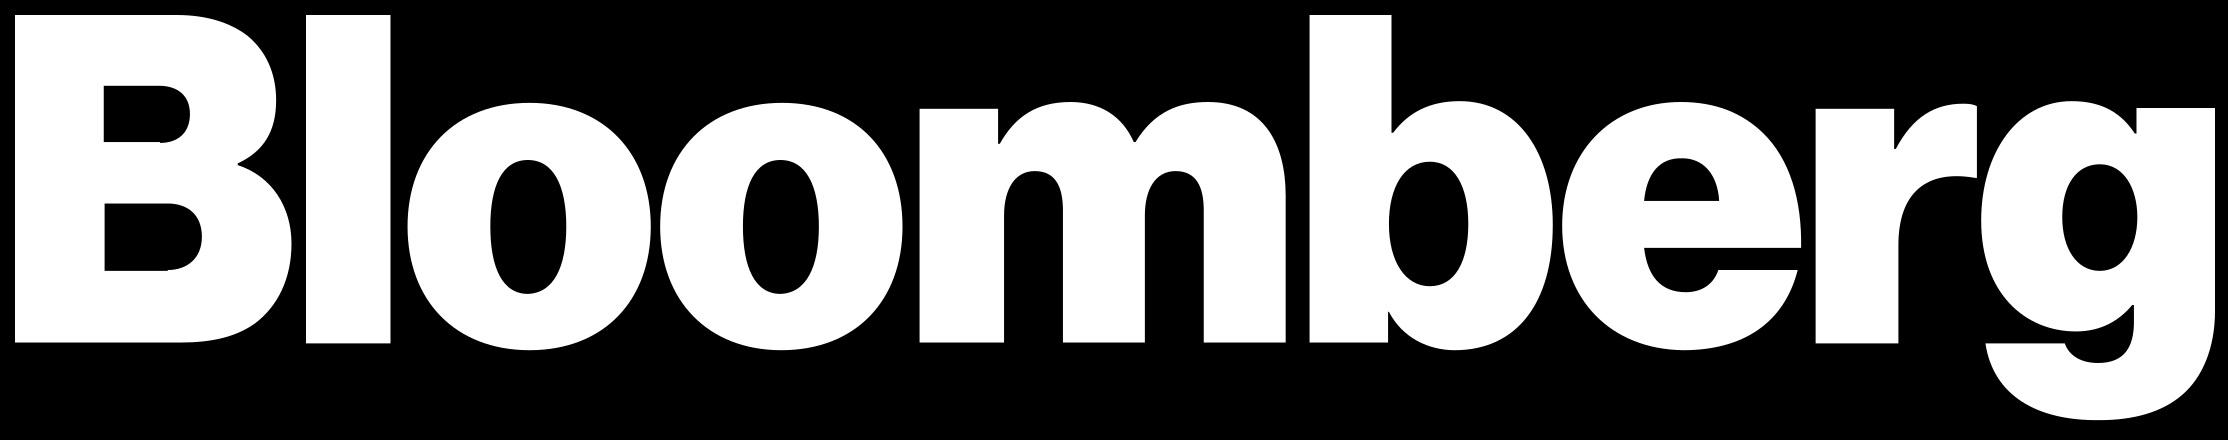 bloomberg-logo-white.jpg